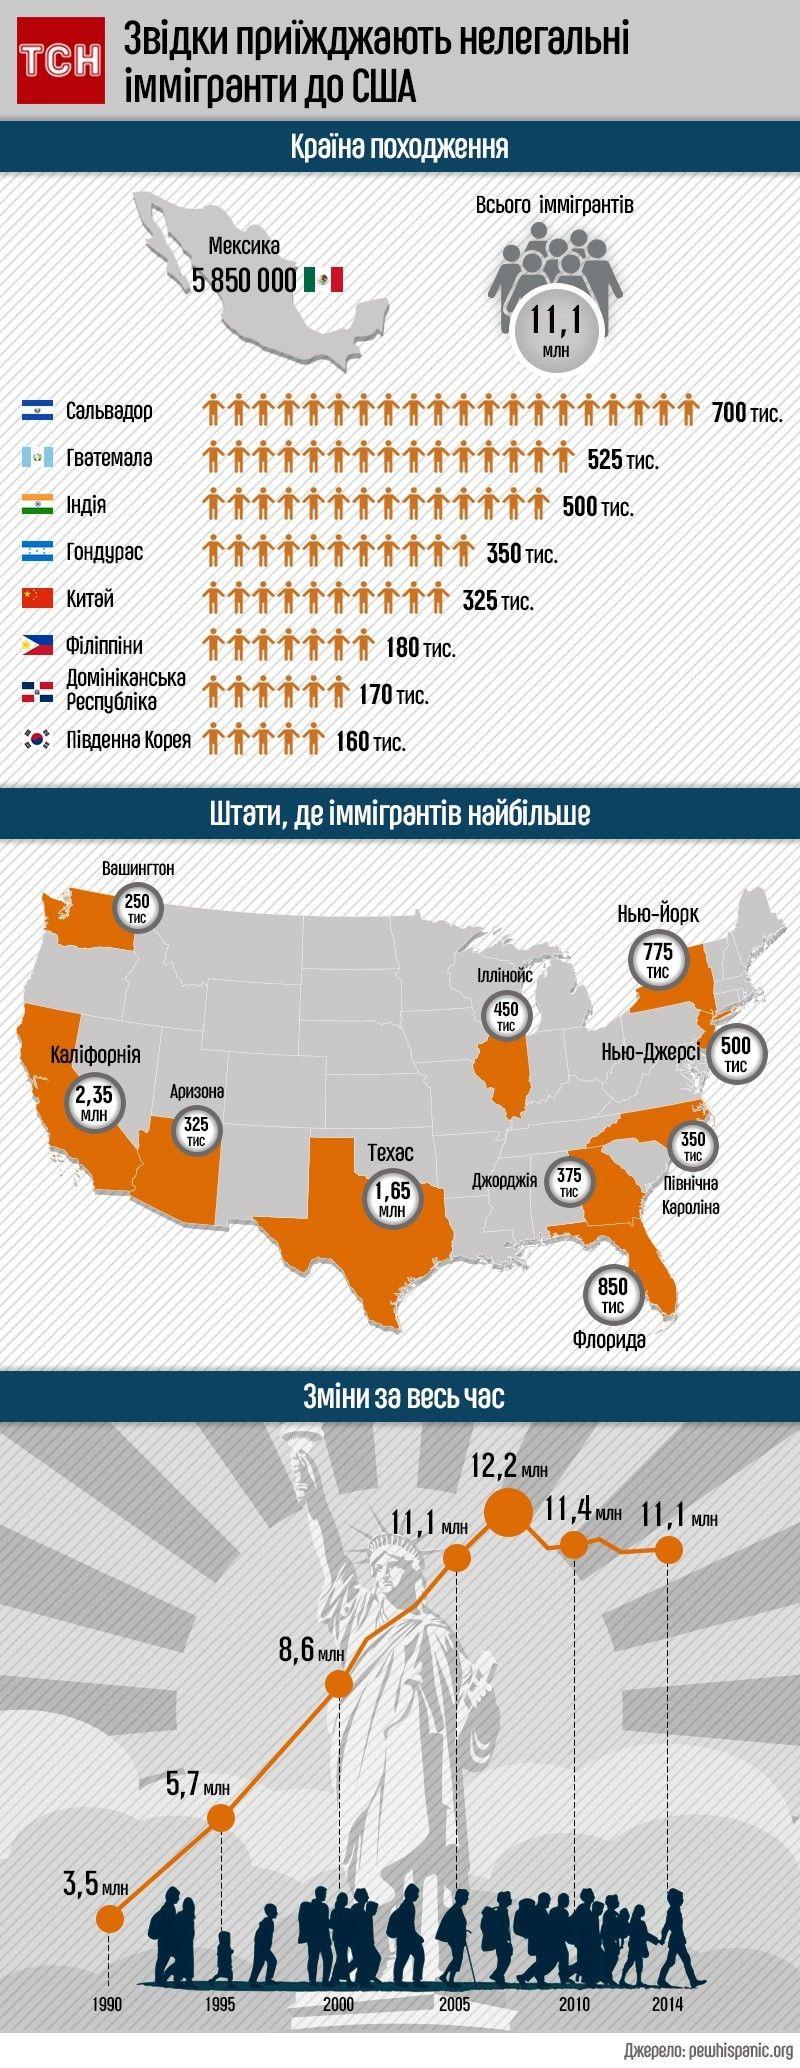 нелегальні мігранти у США, інфографіка